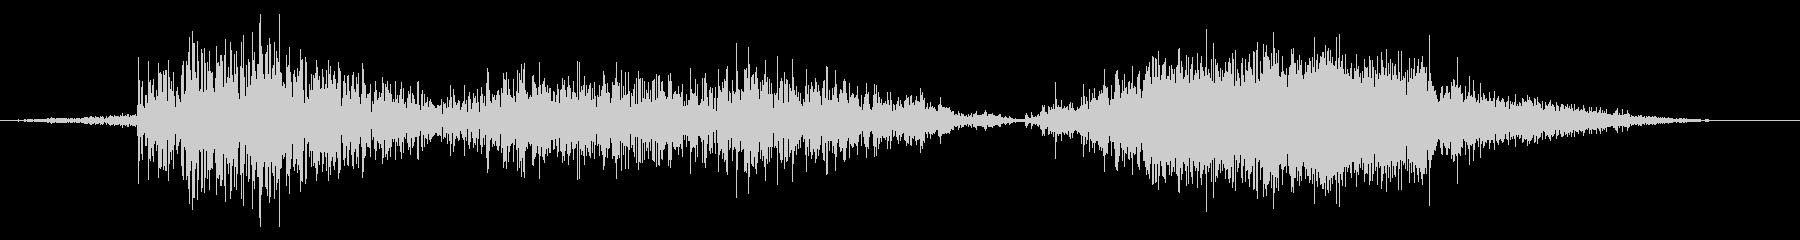 スネーク モンスター ダメージ 中の未再生の波形